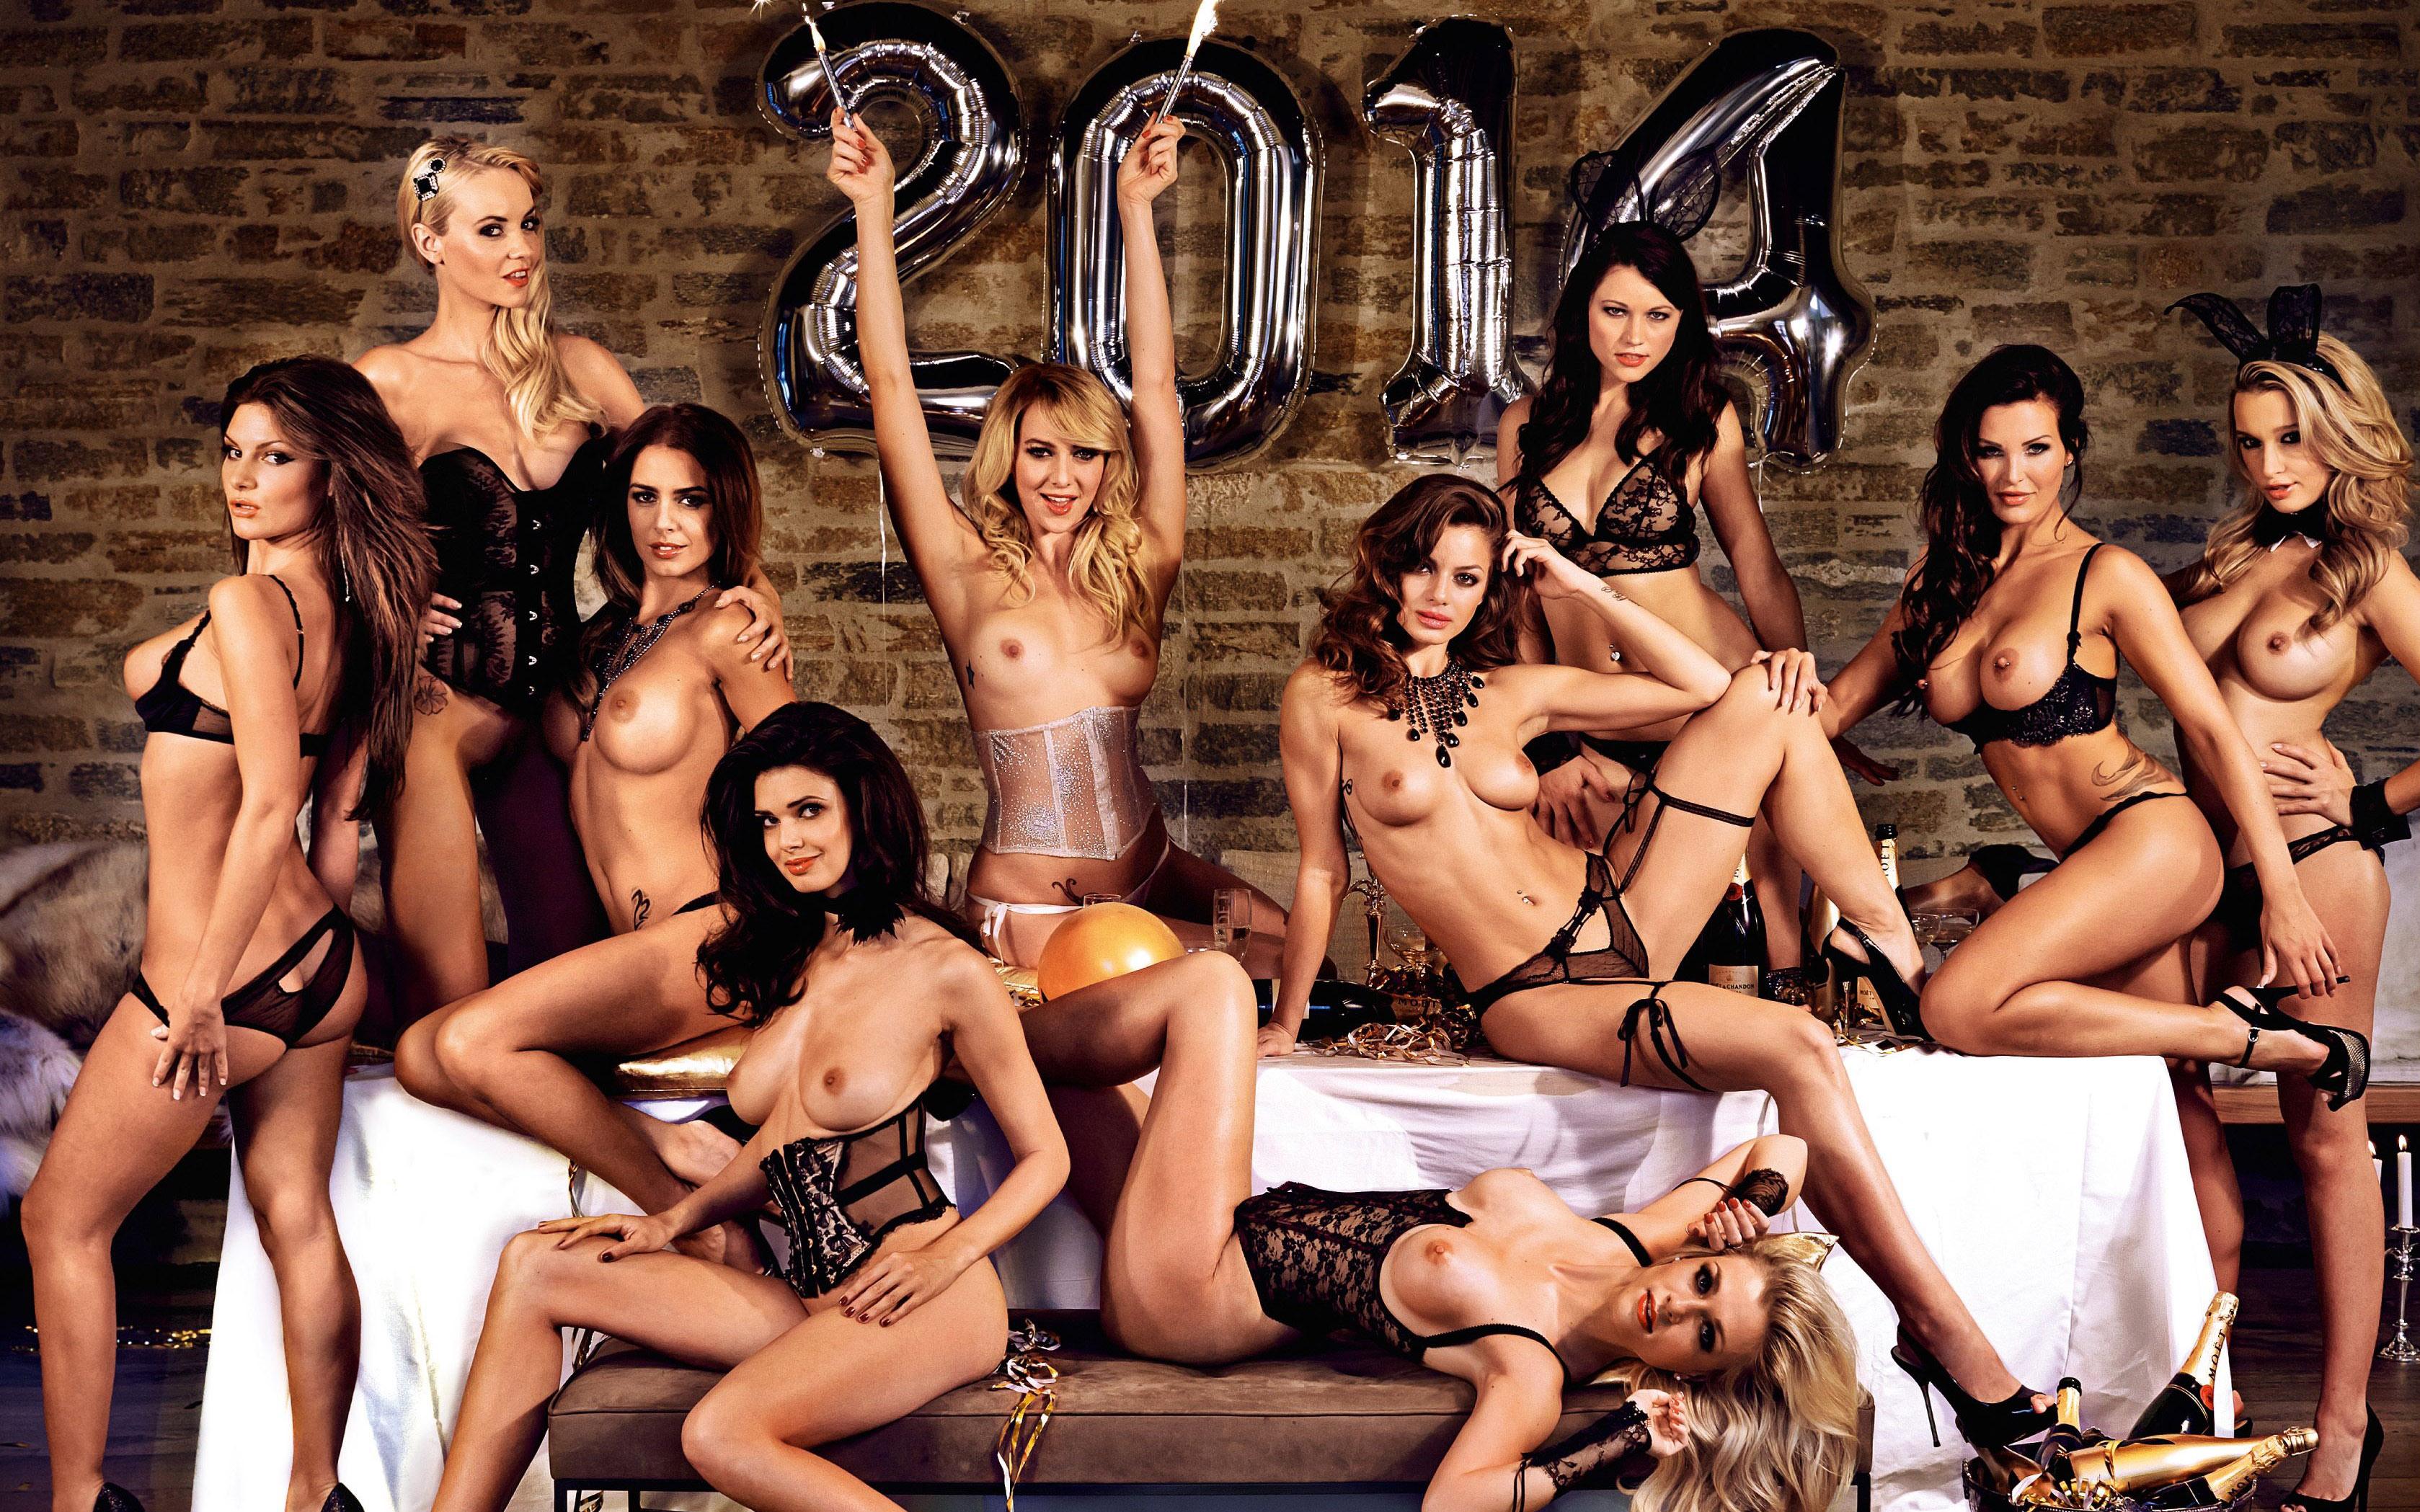 Nude female model calendar